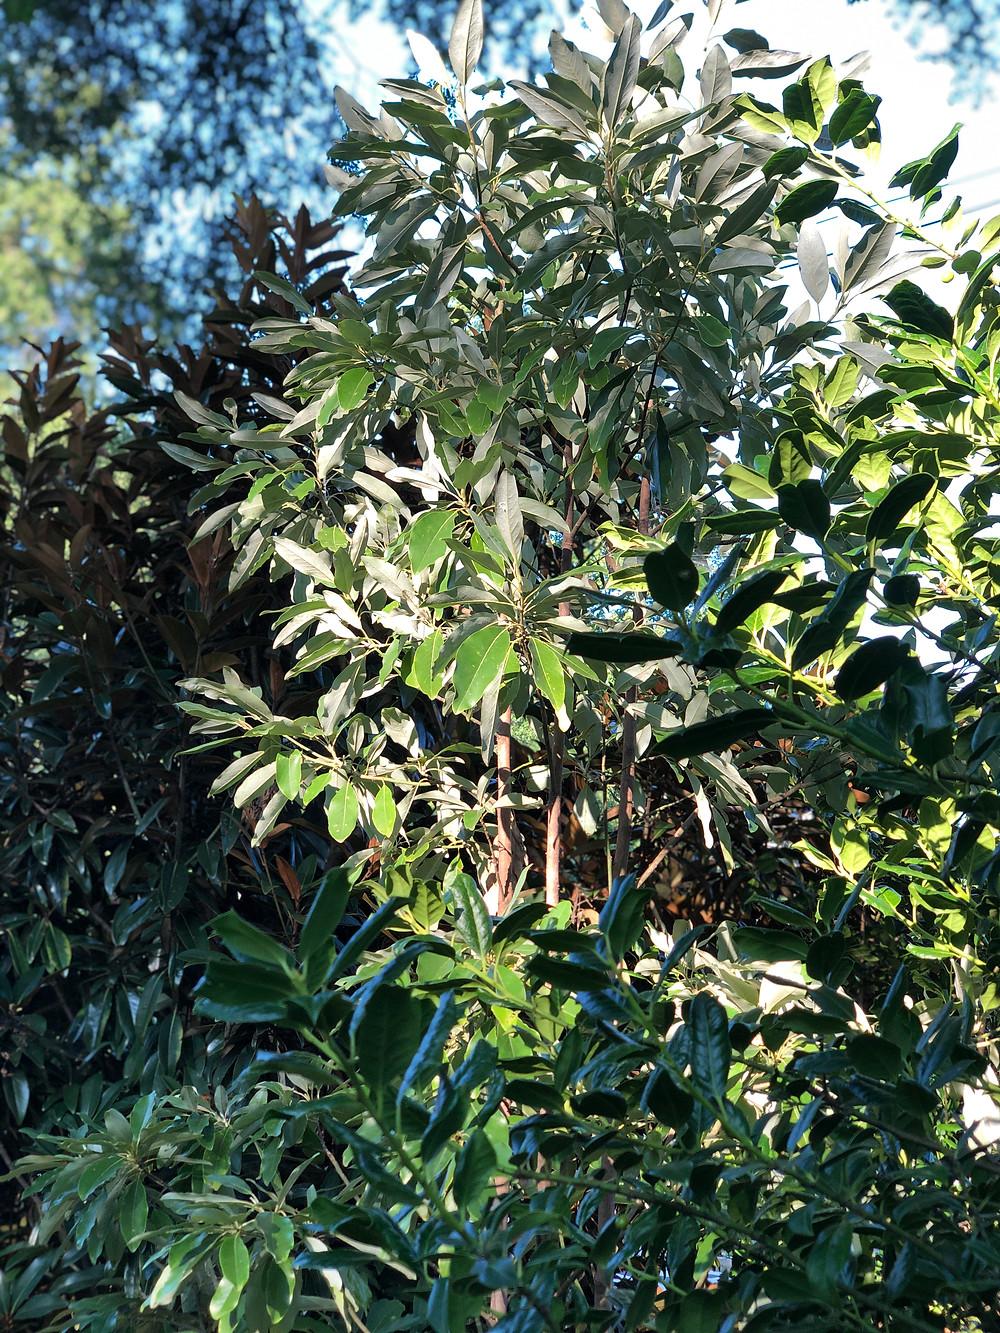 sweetbay magnolia native